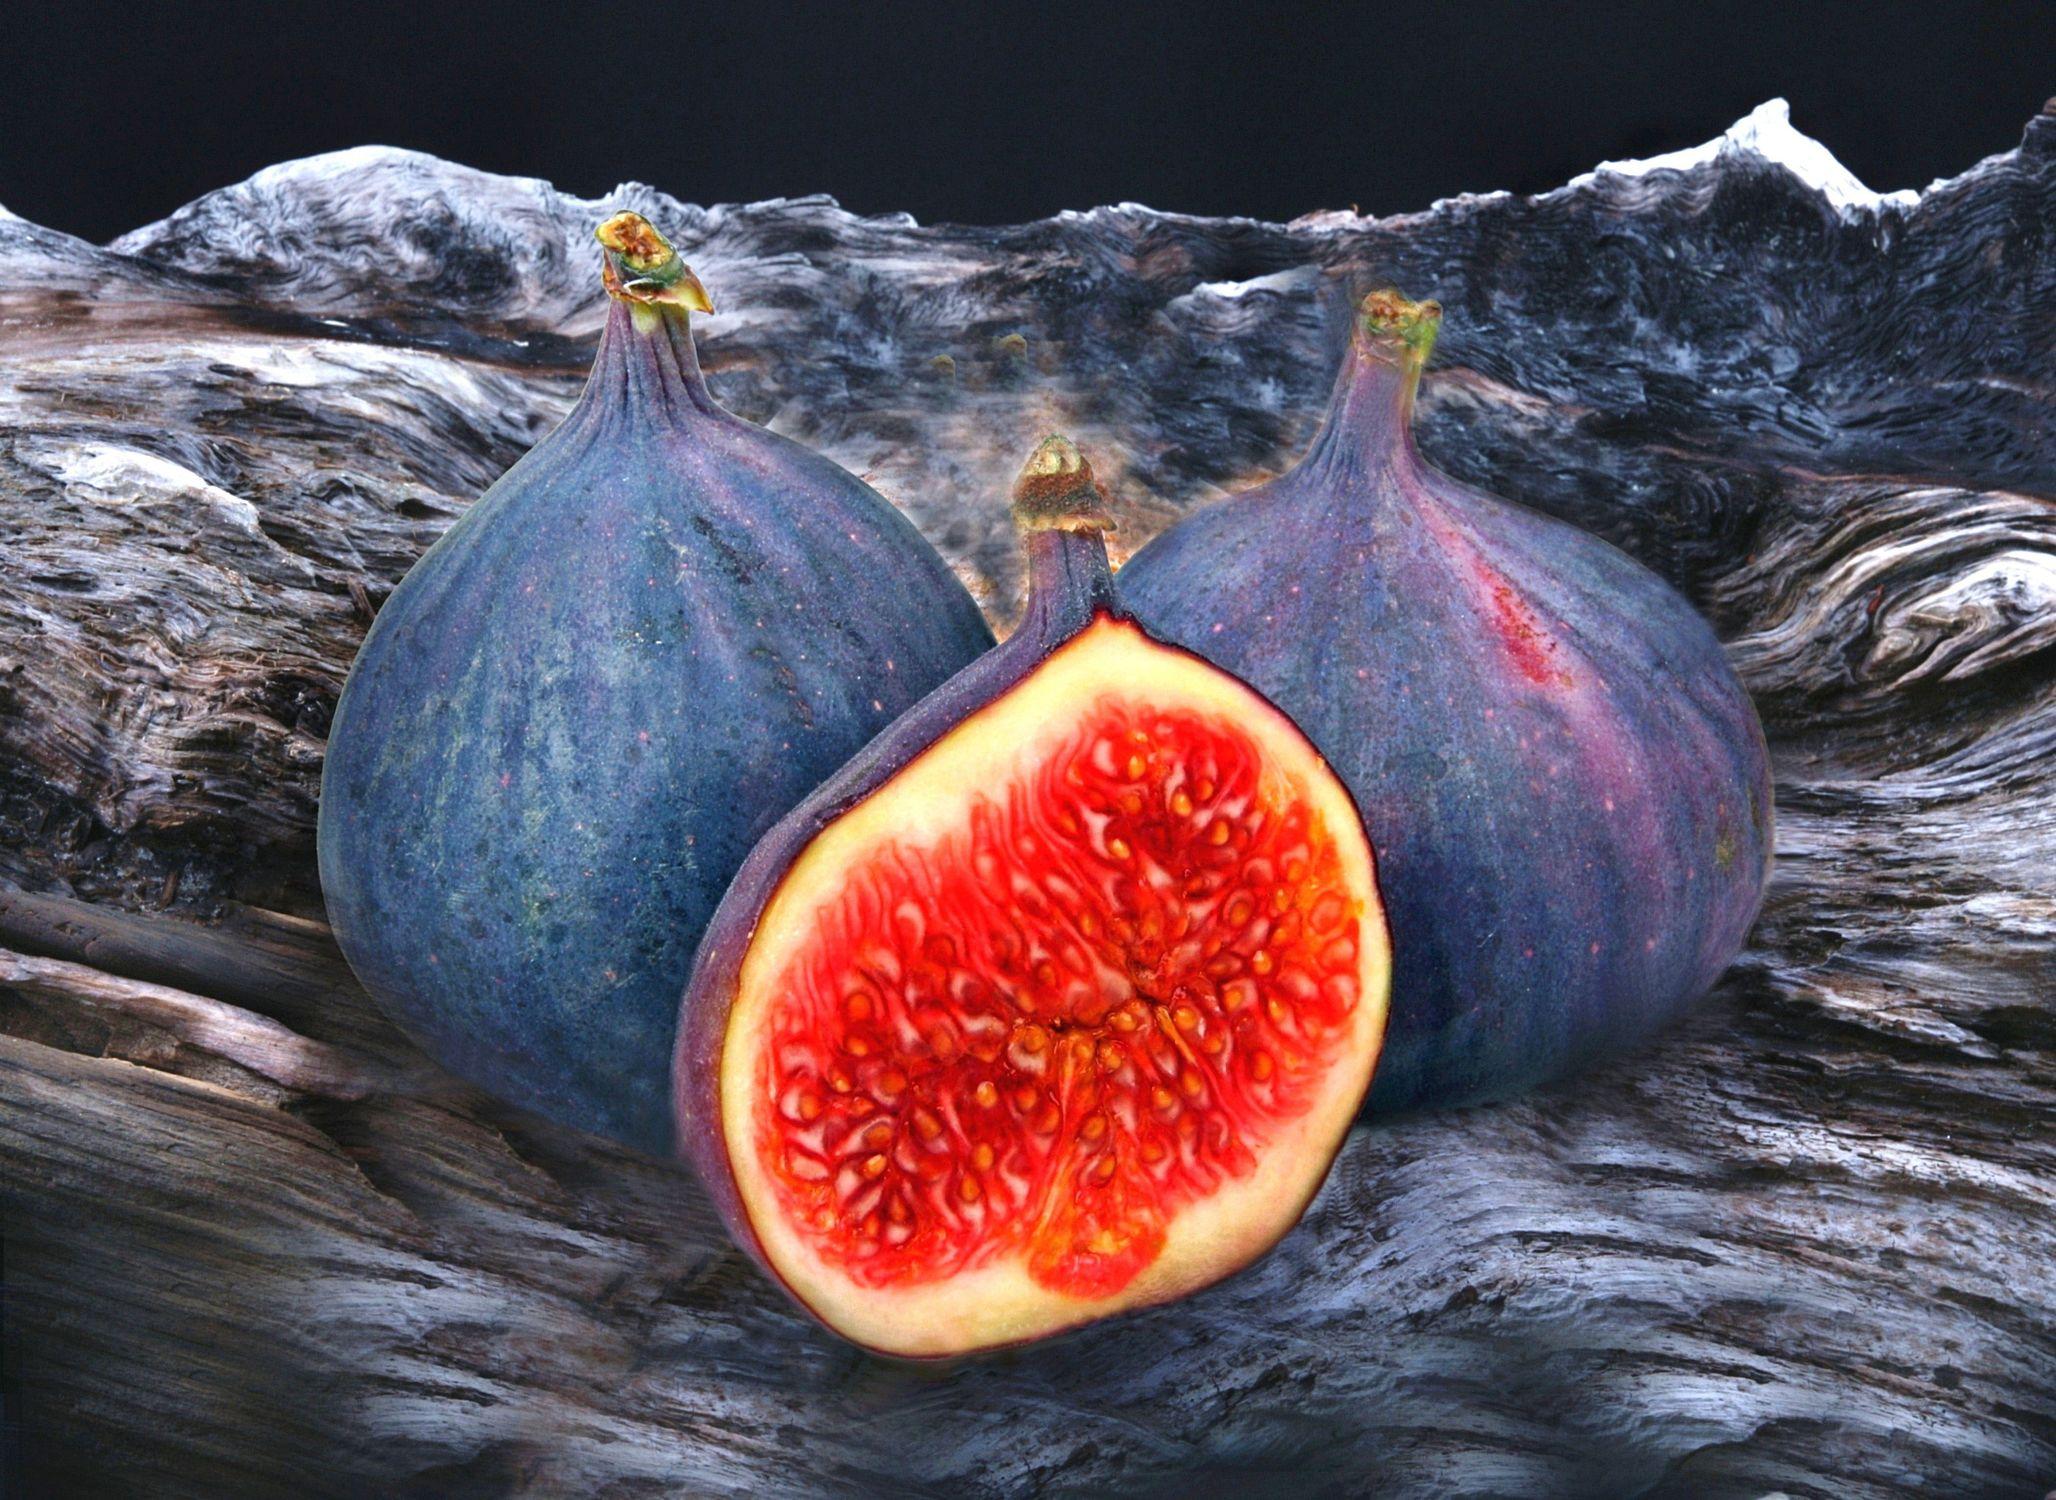 Bild mit Früchte, Frucht, Obst, Küchenbild, Food, Küchenbilder, KITCHEN, Feige, Feigen, Küche, Küchen, kochen